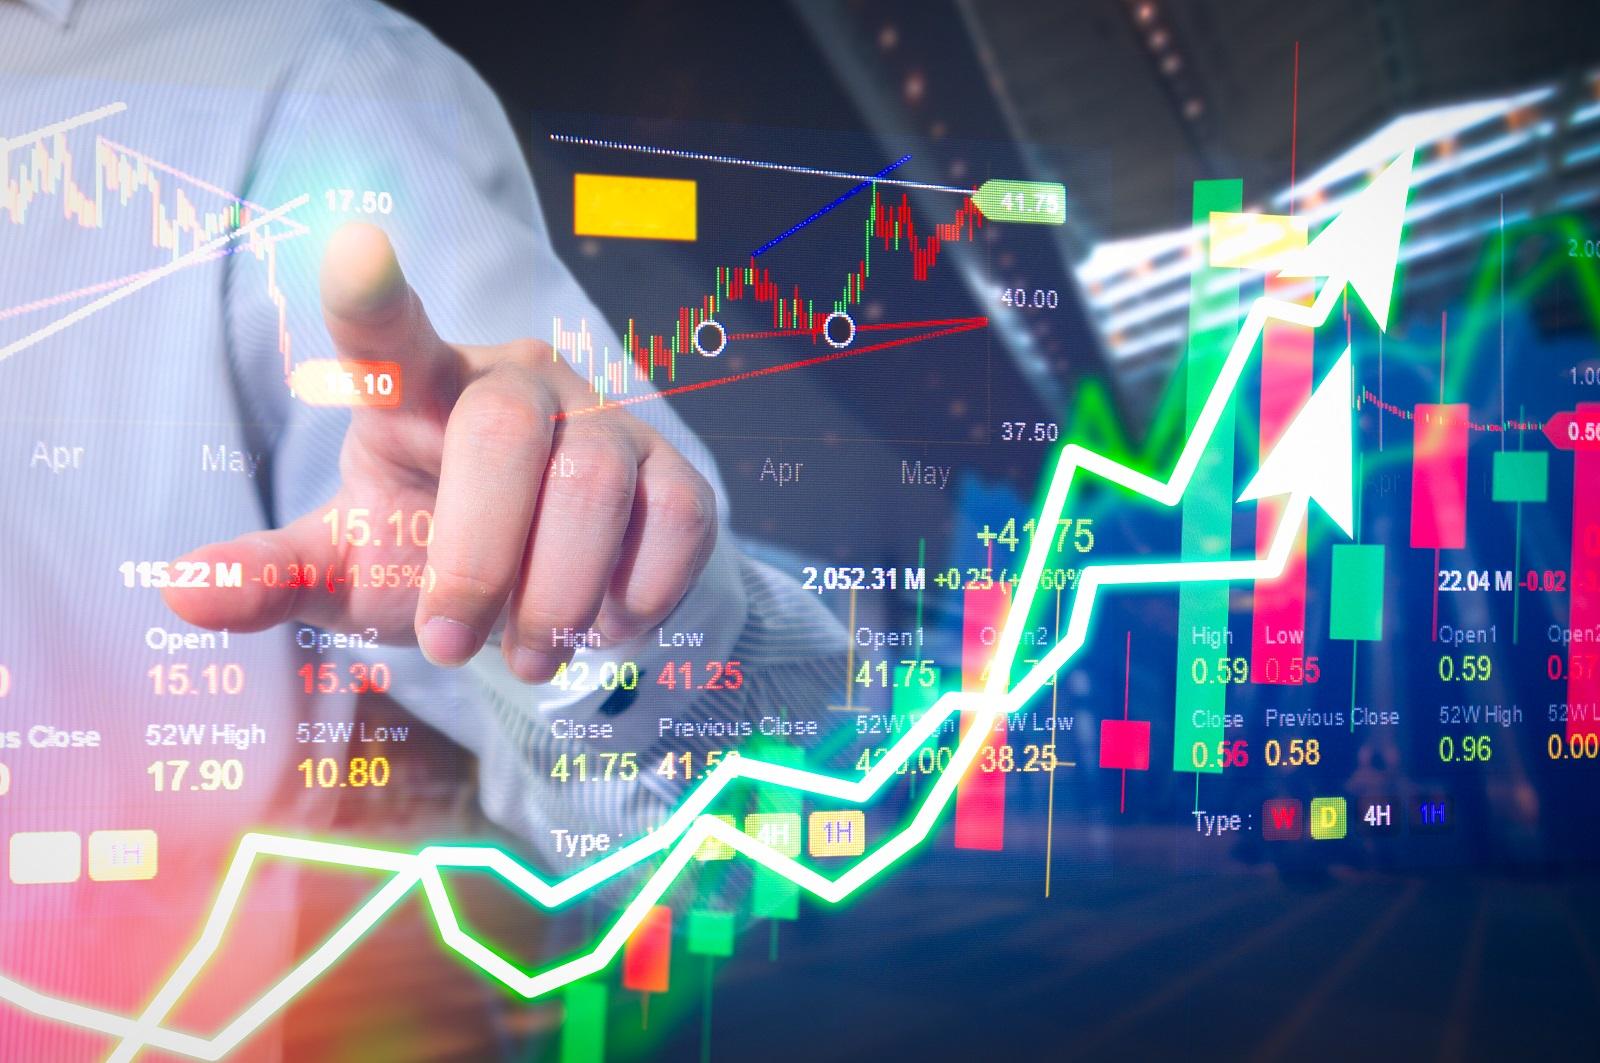 2大潛在隱憂浮現 台股高檔整理風險漸增 投資人應保持戒心